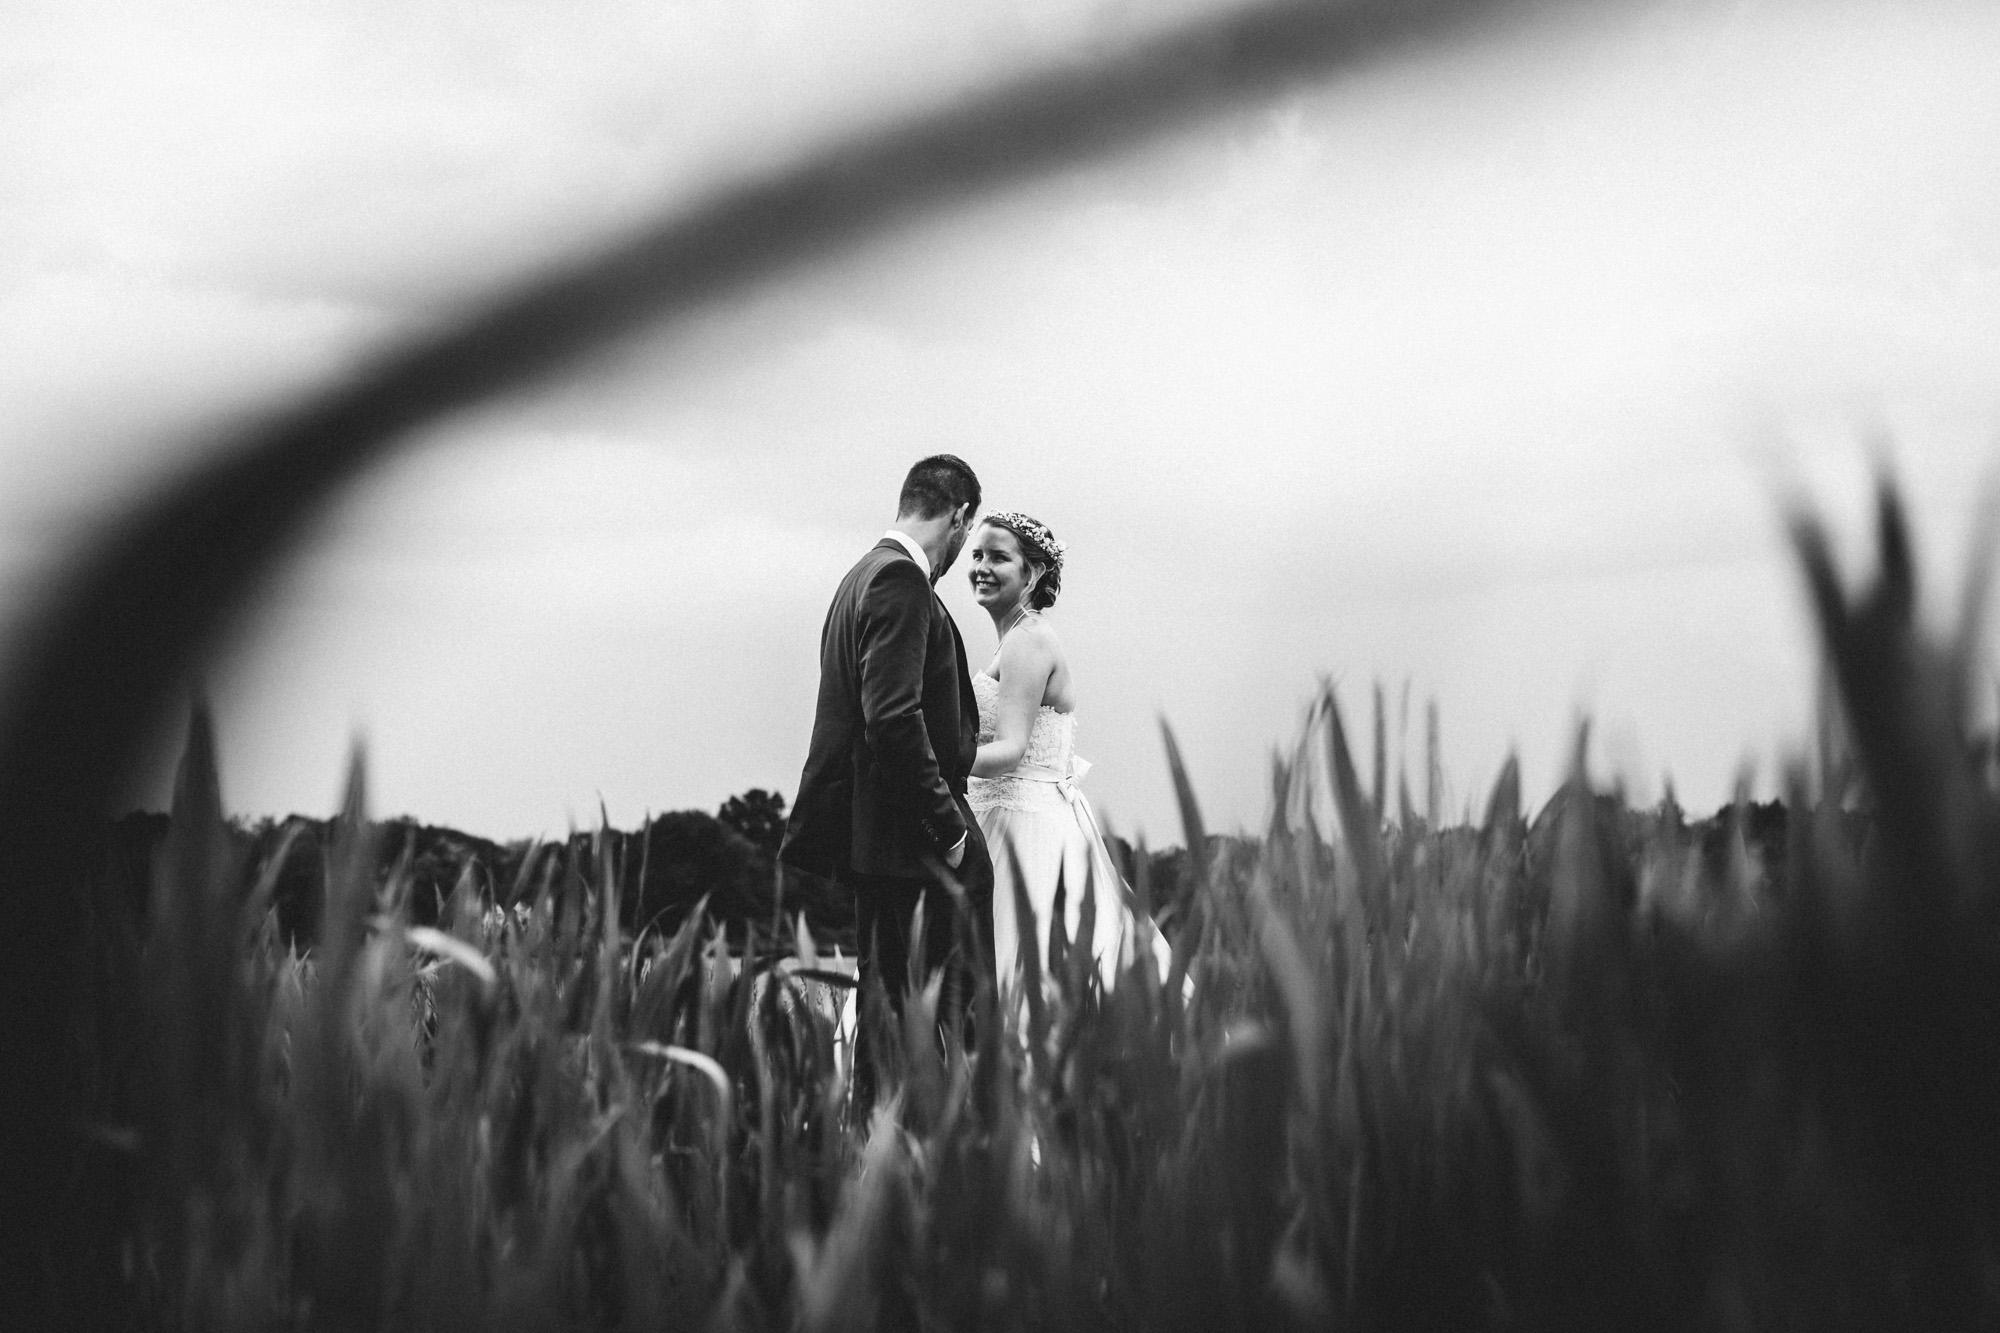 hannah und elias 369 - Schwarz-Weiß Hochzeit